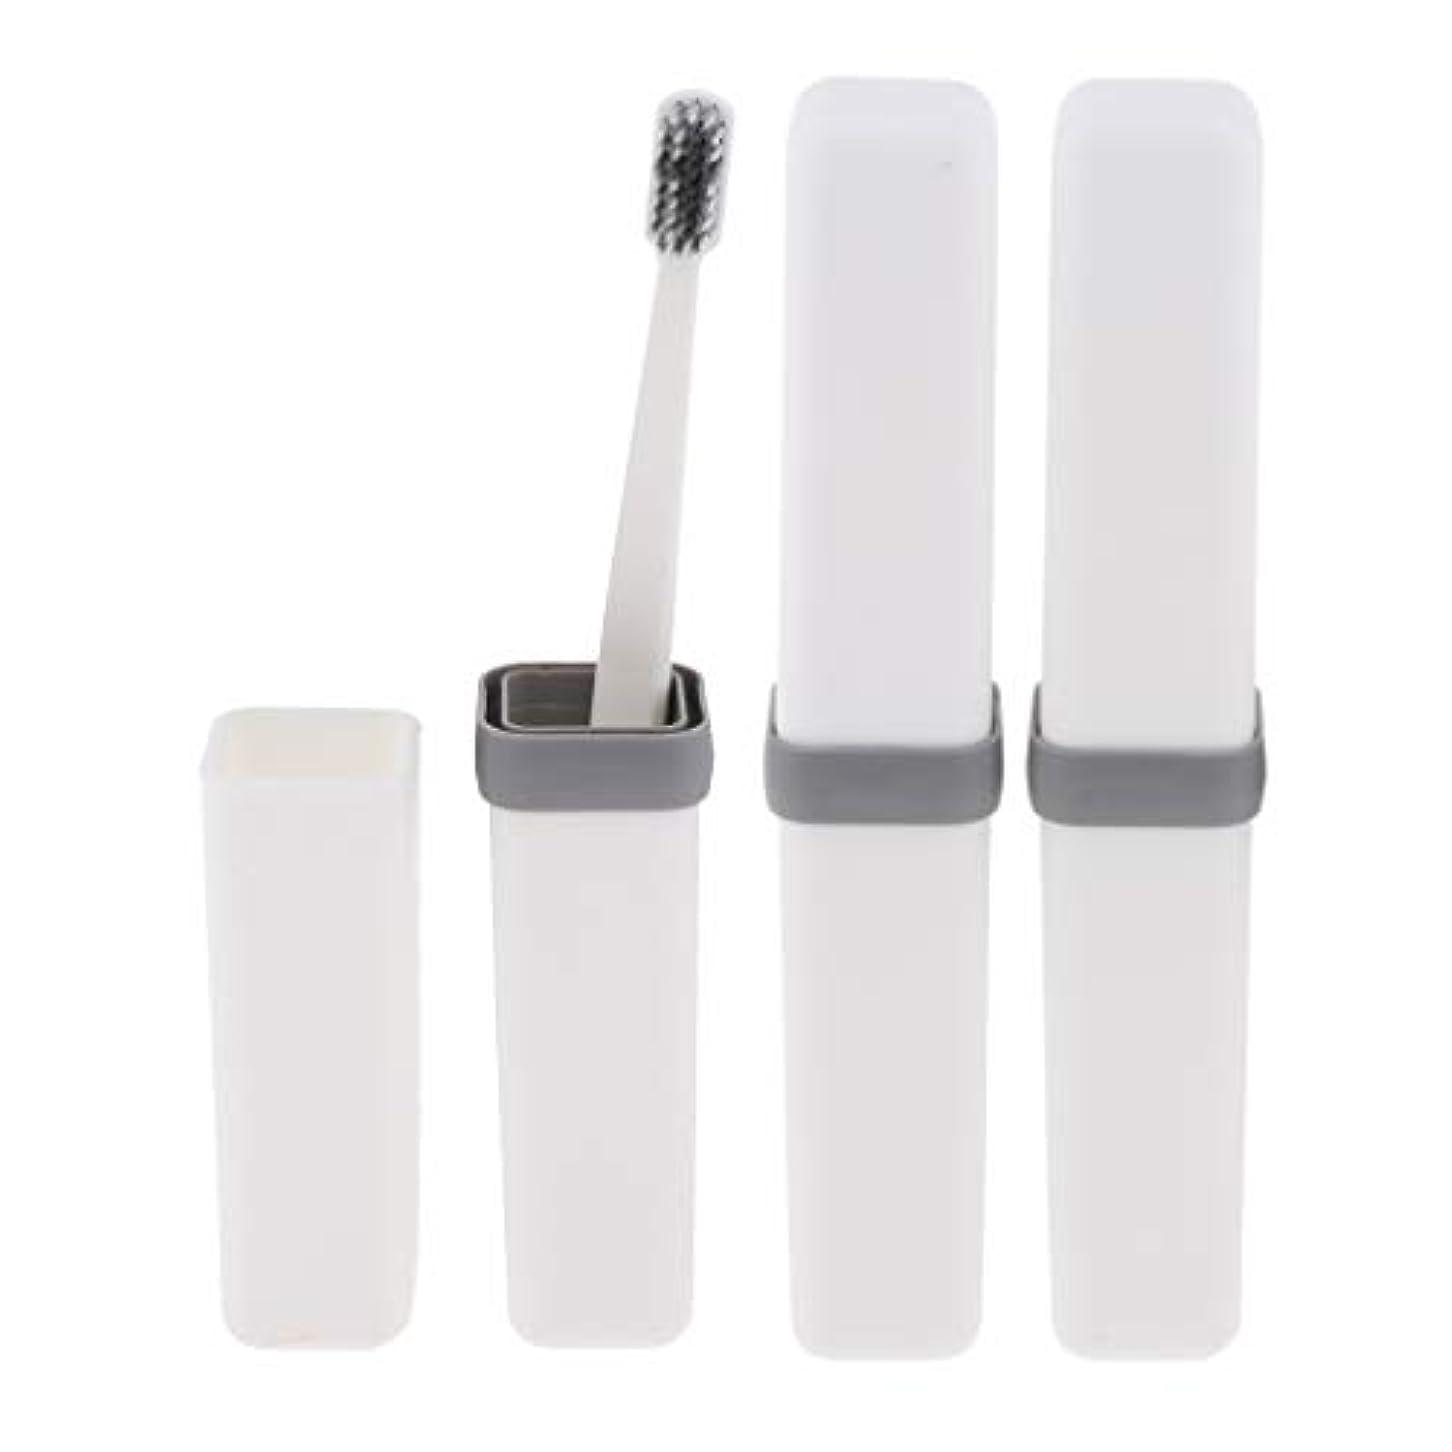 治療新しい意味ワンダーFenteer 歯ブラシ 歯磨き 歯清潔 収納ボックス付 旅行 キャンプ 学校 軽量 携帯 実用的 3個 全4色 - 白